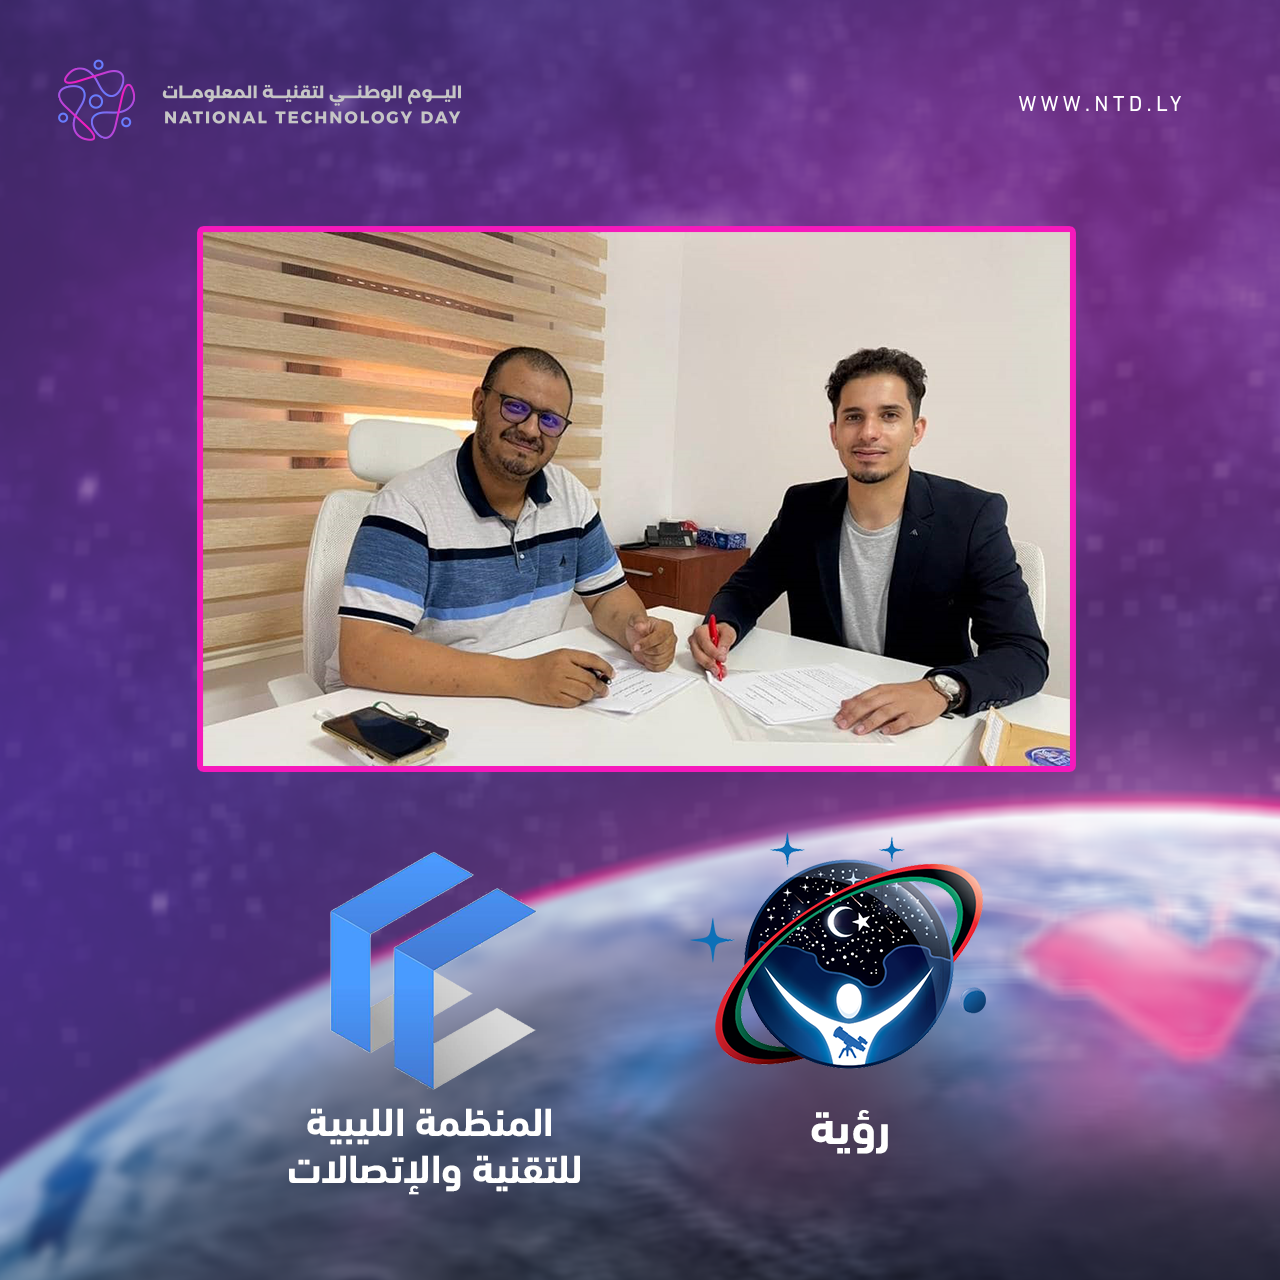 اتفاقية تعاون مشترك مع المنظمة الليبية للتقنية